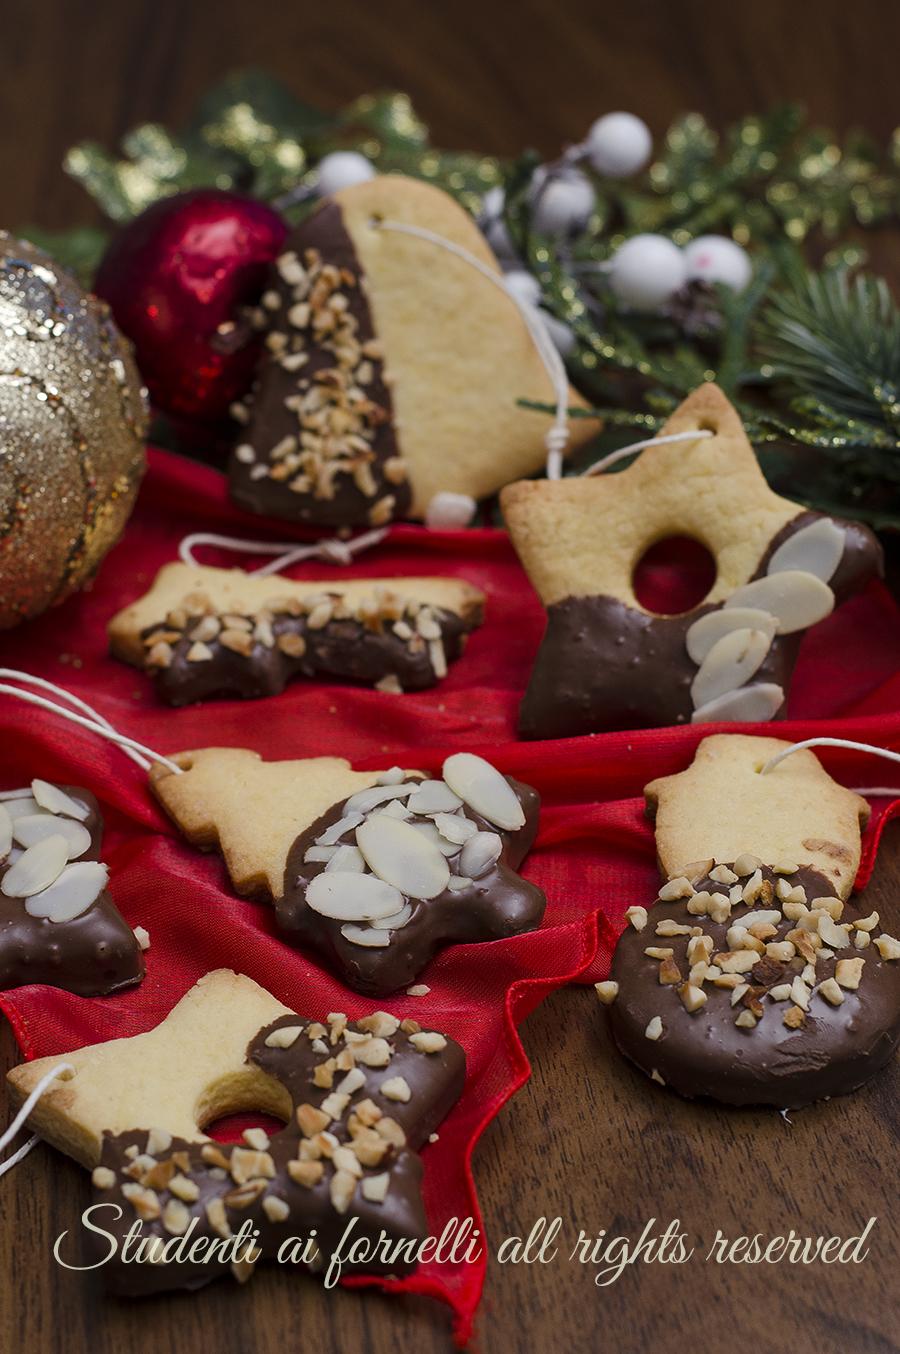 Biscotti Di Natale Ricette Giallo Zafferano.Biscotti Di Natale Da Appendere All Albero